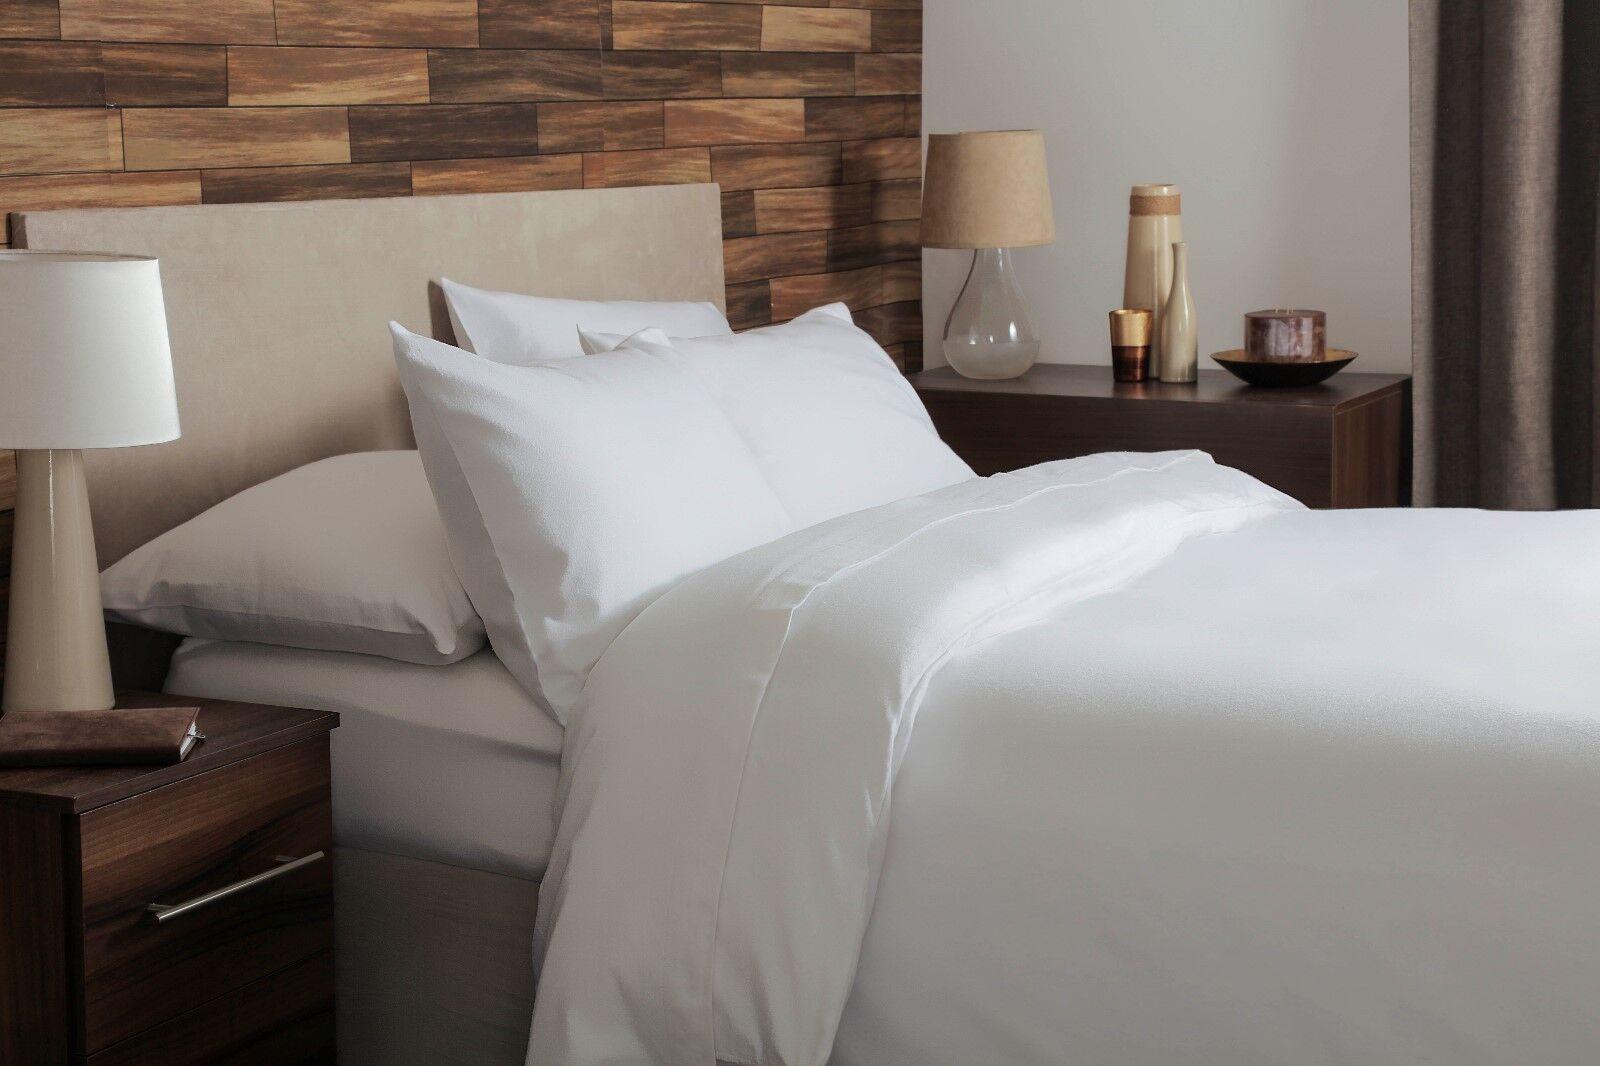 Belledorm 100% Brushed Cotton Flanelette Bed Linen In Weiß All Größes 175gsm